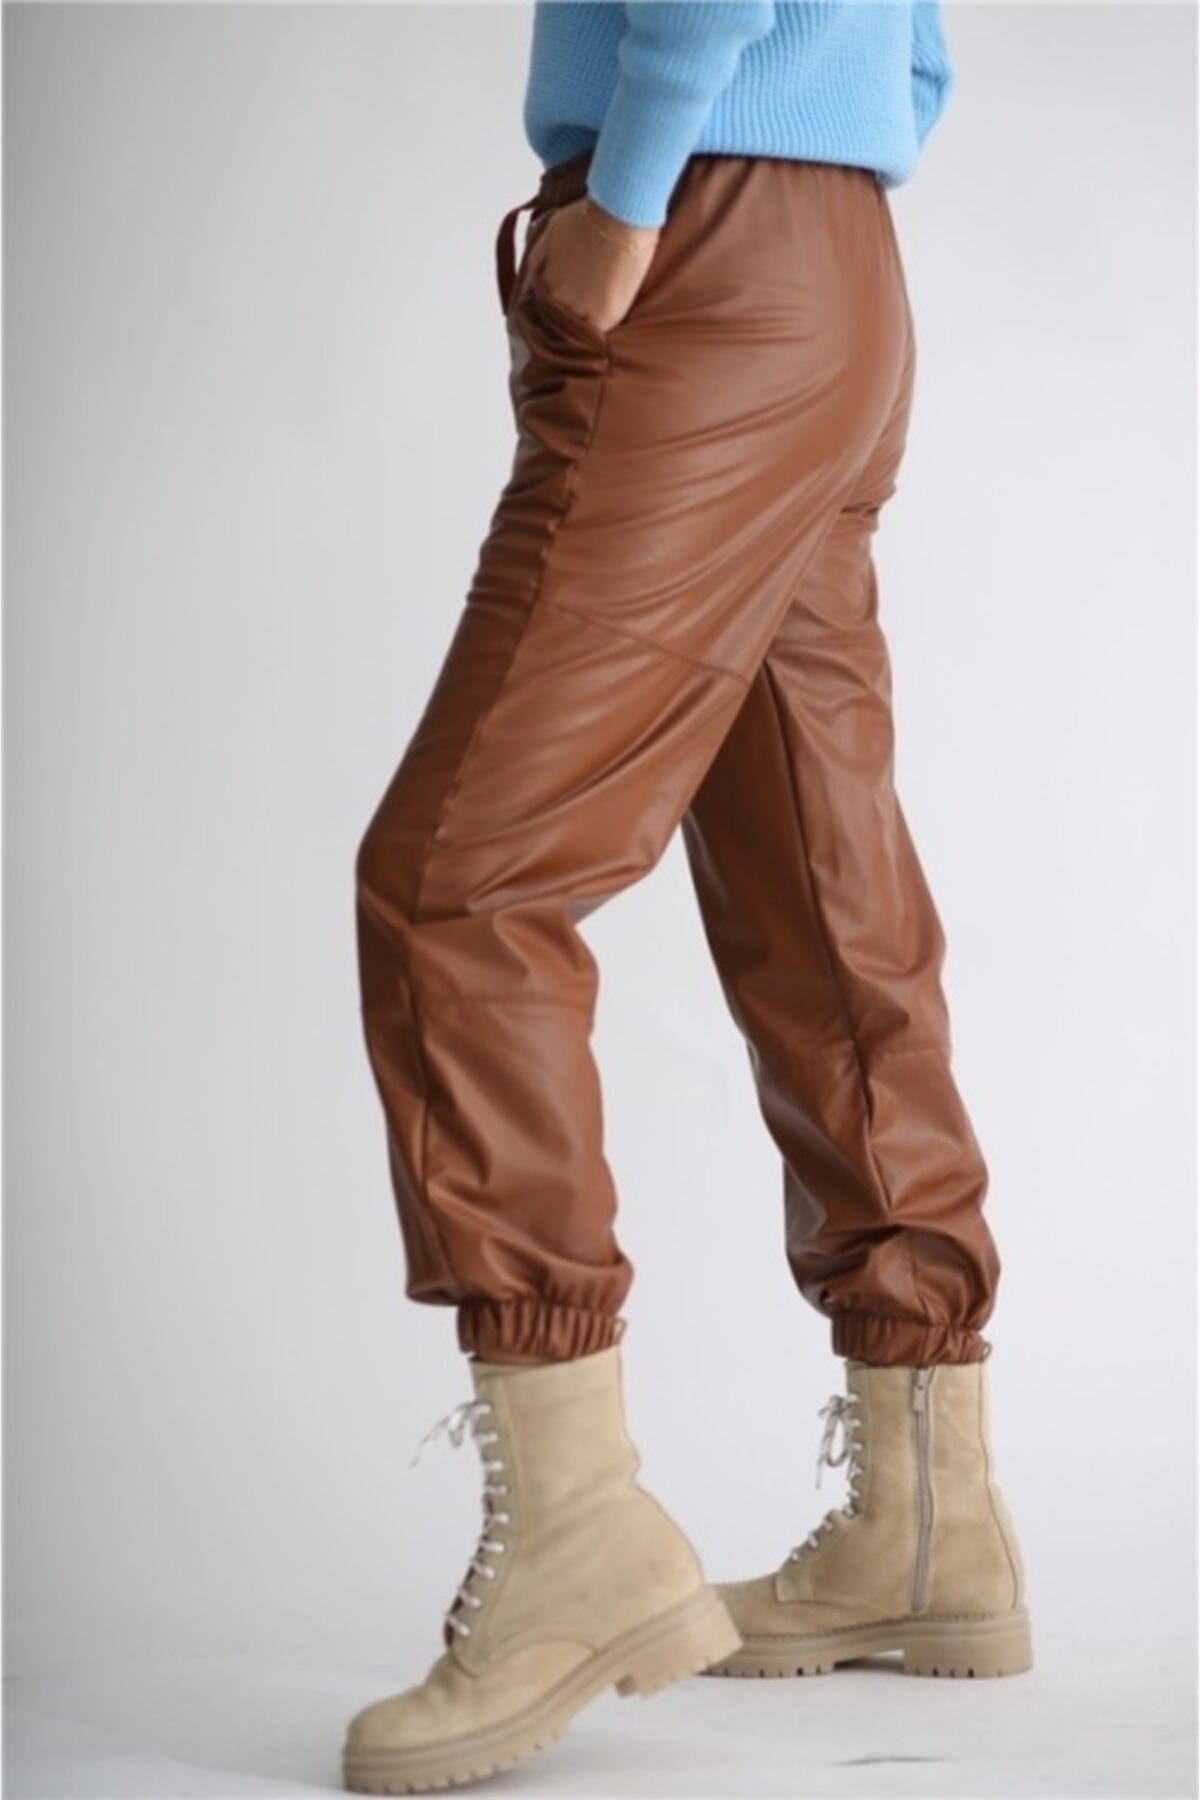 BEBE PLUS Kadın Kahverengi Beli ve Paçası Lastikli Deri Pantolon 1